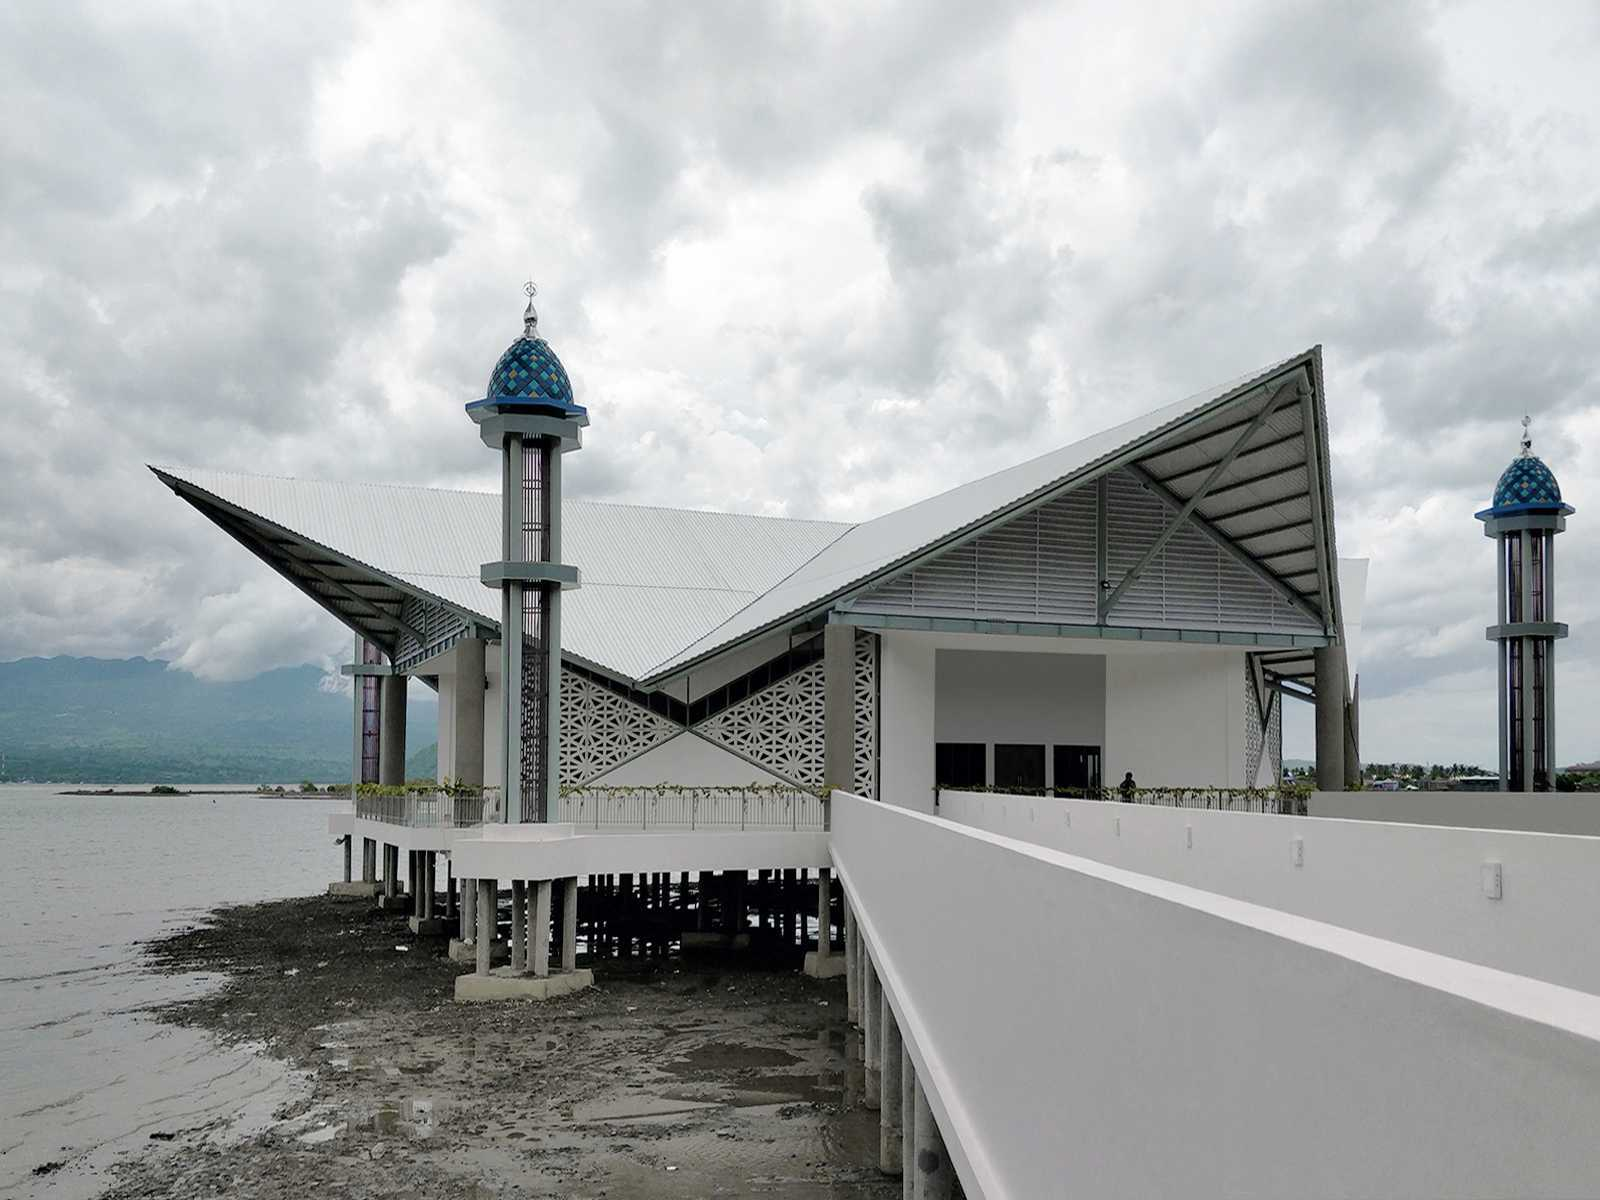 Bramasta Redy Masjid Apung Amahami Bima, Nusa Tenggara Bar., Indonesia Bima, Nusa Tenggara Bar., Indonesia Tampak Luar  65769